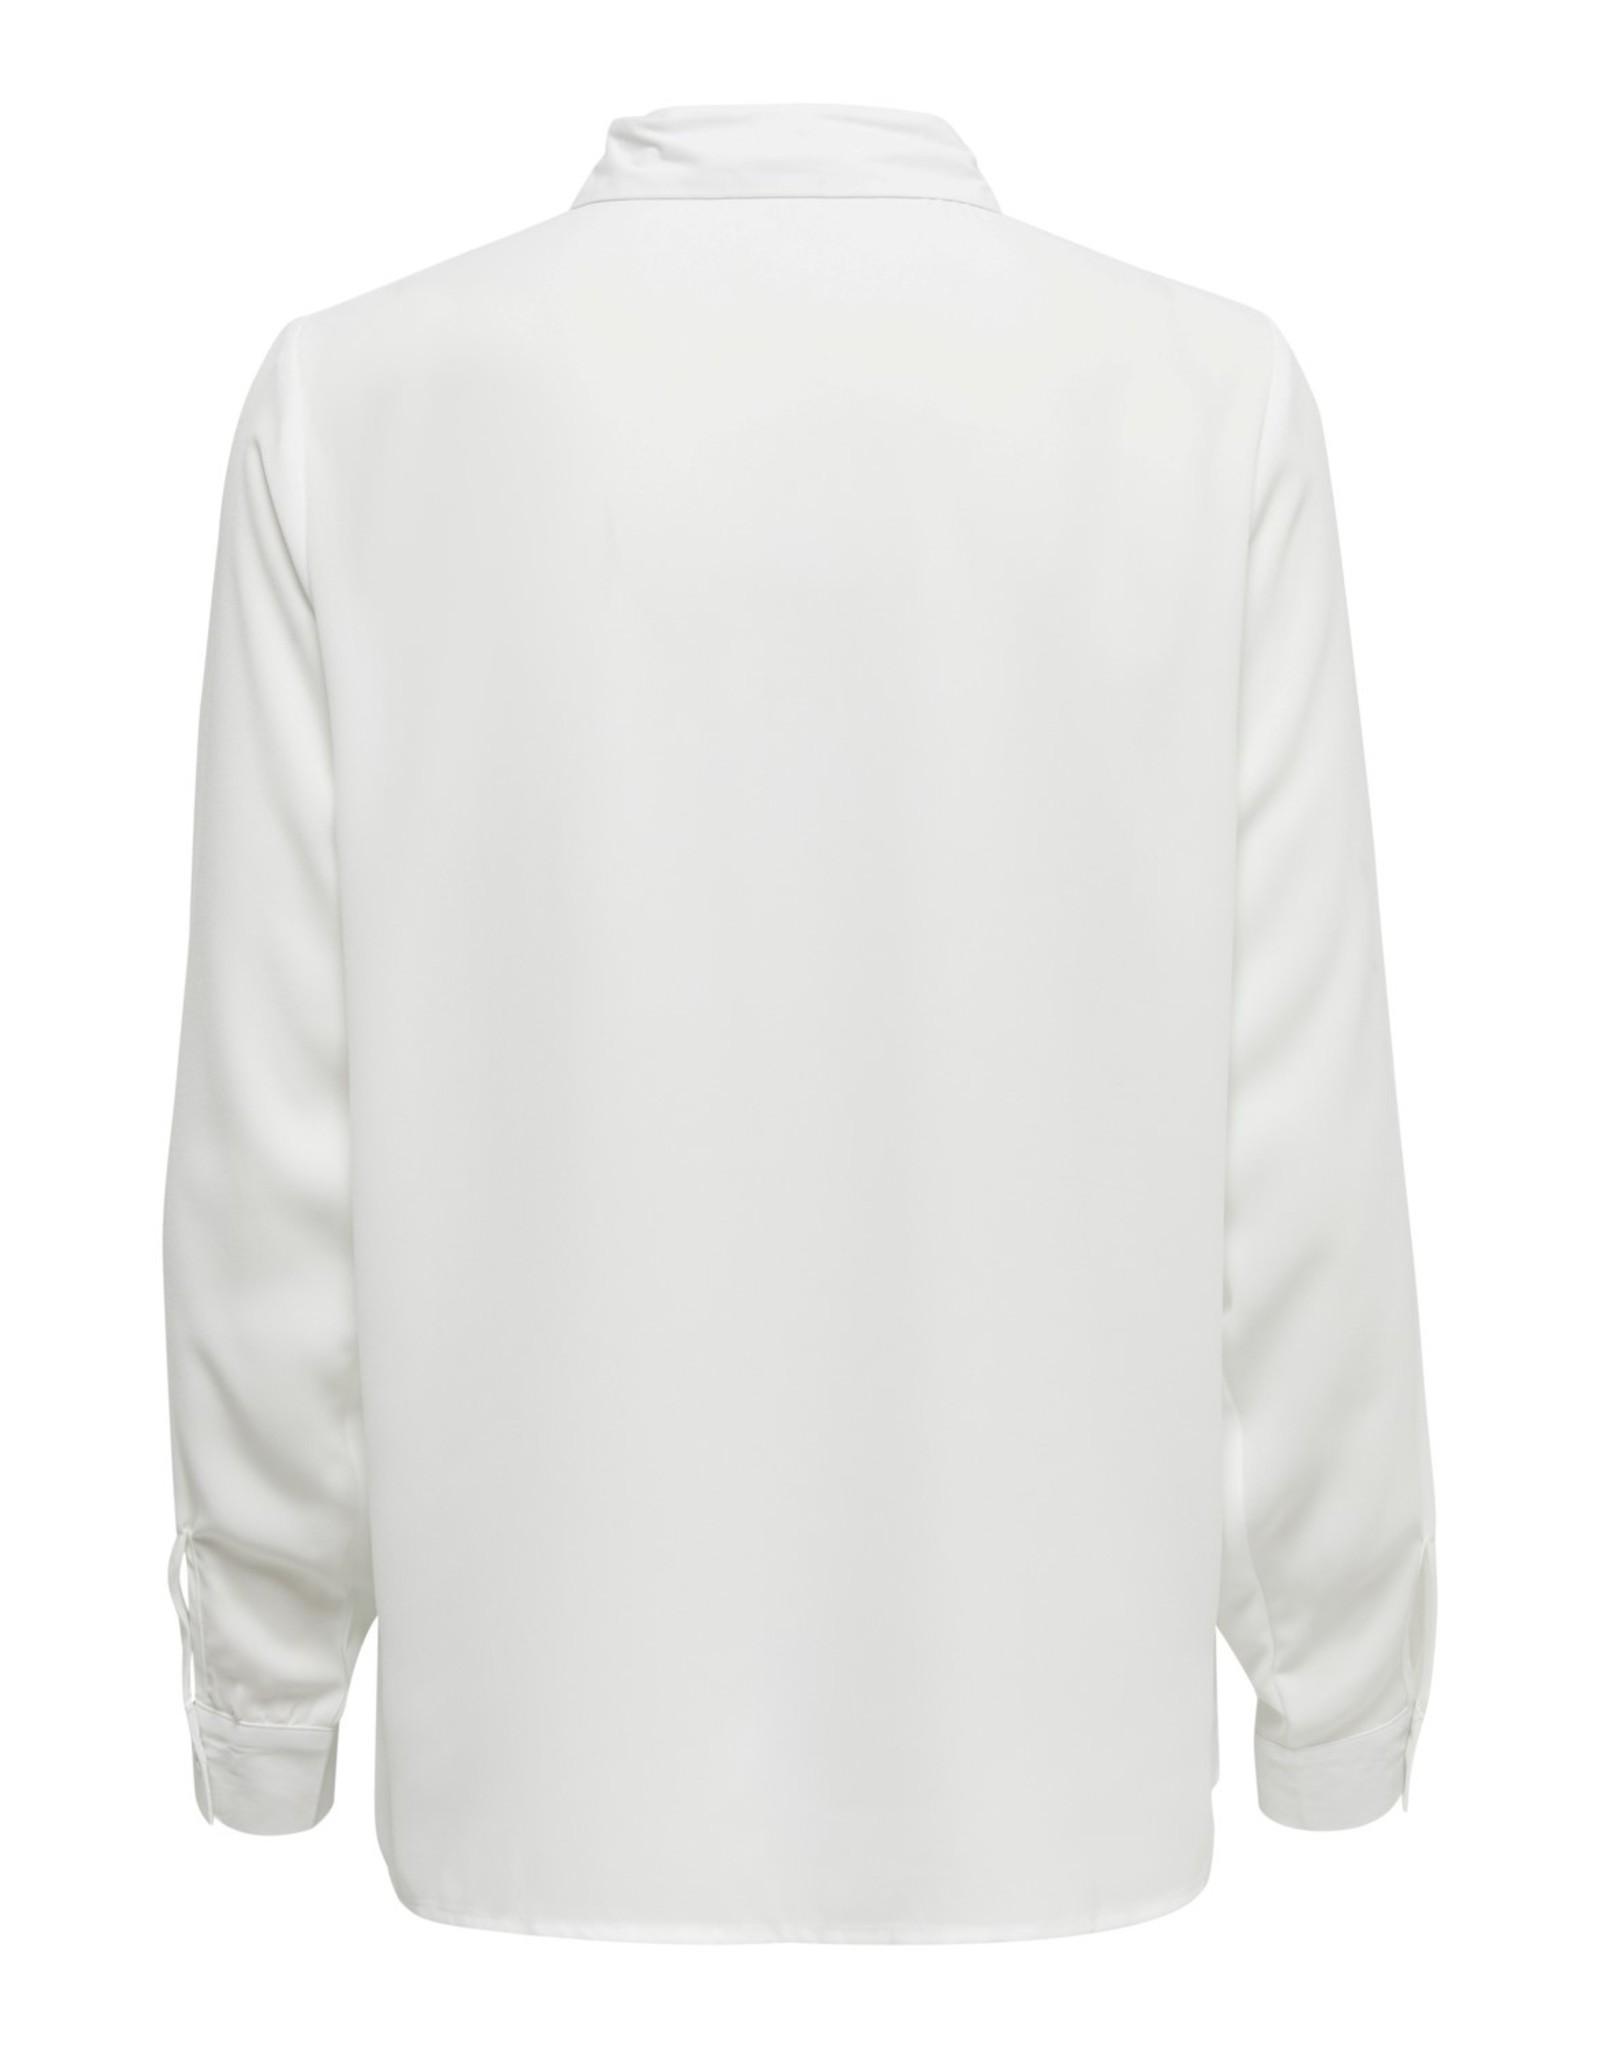 COMBI SHIRT WHITE